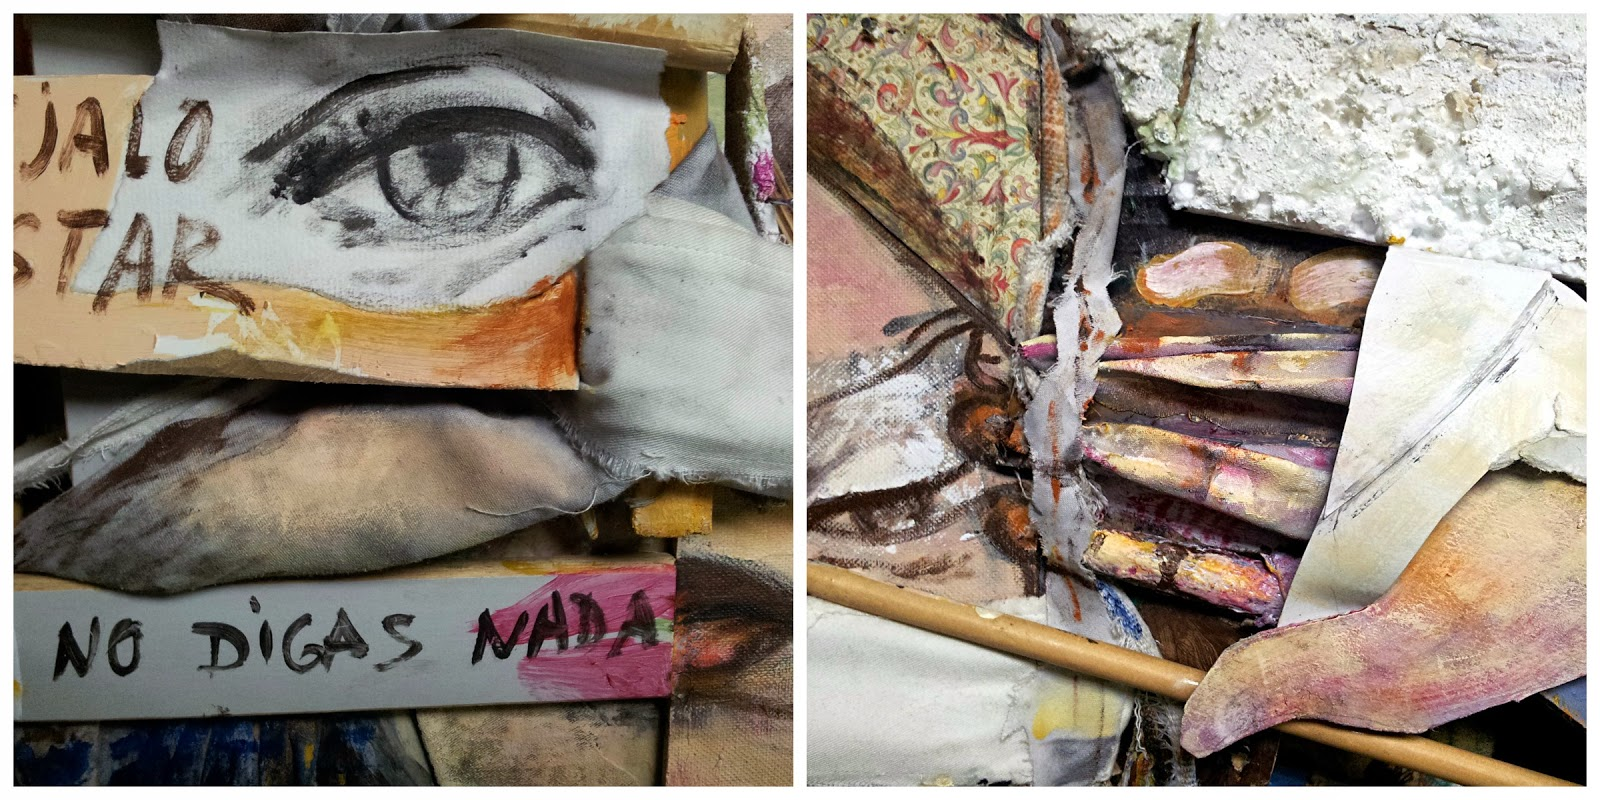 Imágenes dell cuadro Déjalo estar, obra de Juan Sánchez Sotelo de Artistas6 academia de dibujo y pintura de Madrid clases para aprender a dibujar y pintar. Venta de arte contemporáneo abstracto y figurativo.